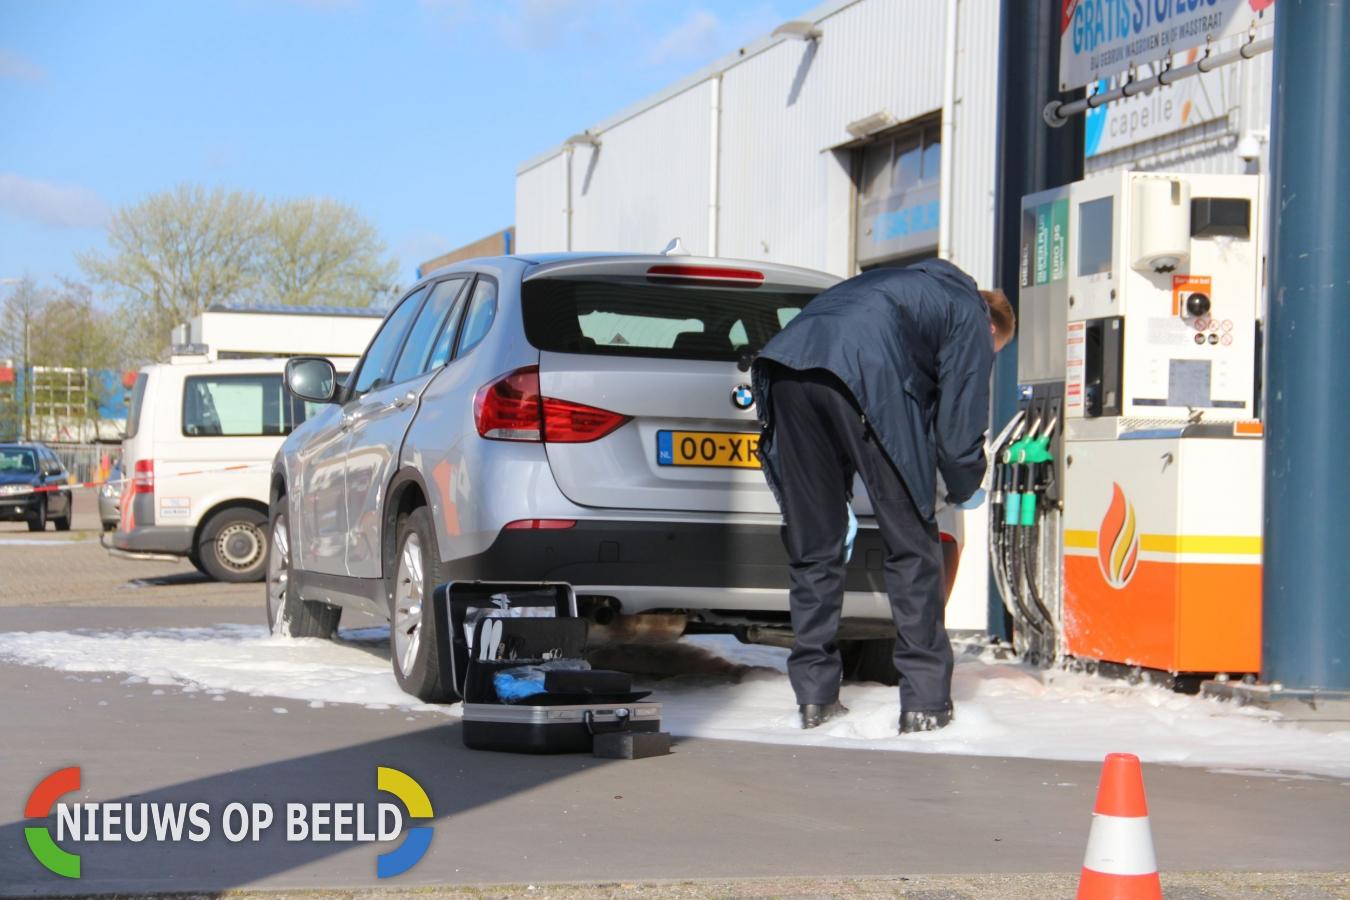 Politie doet onderzoek naar lekke benzinetanks van auto's Capelle aan den IJssel (Video)